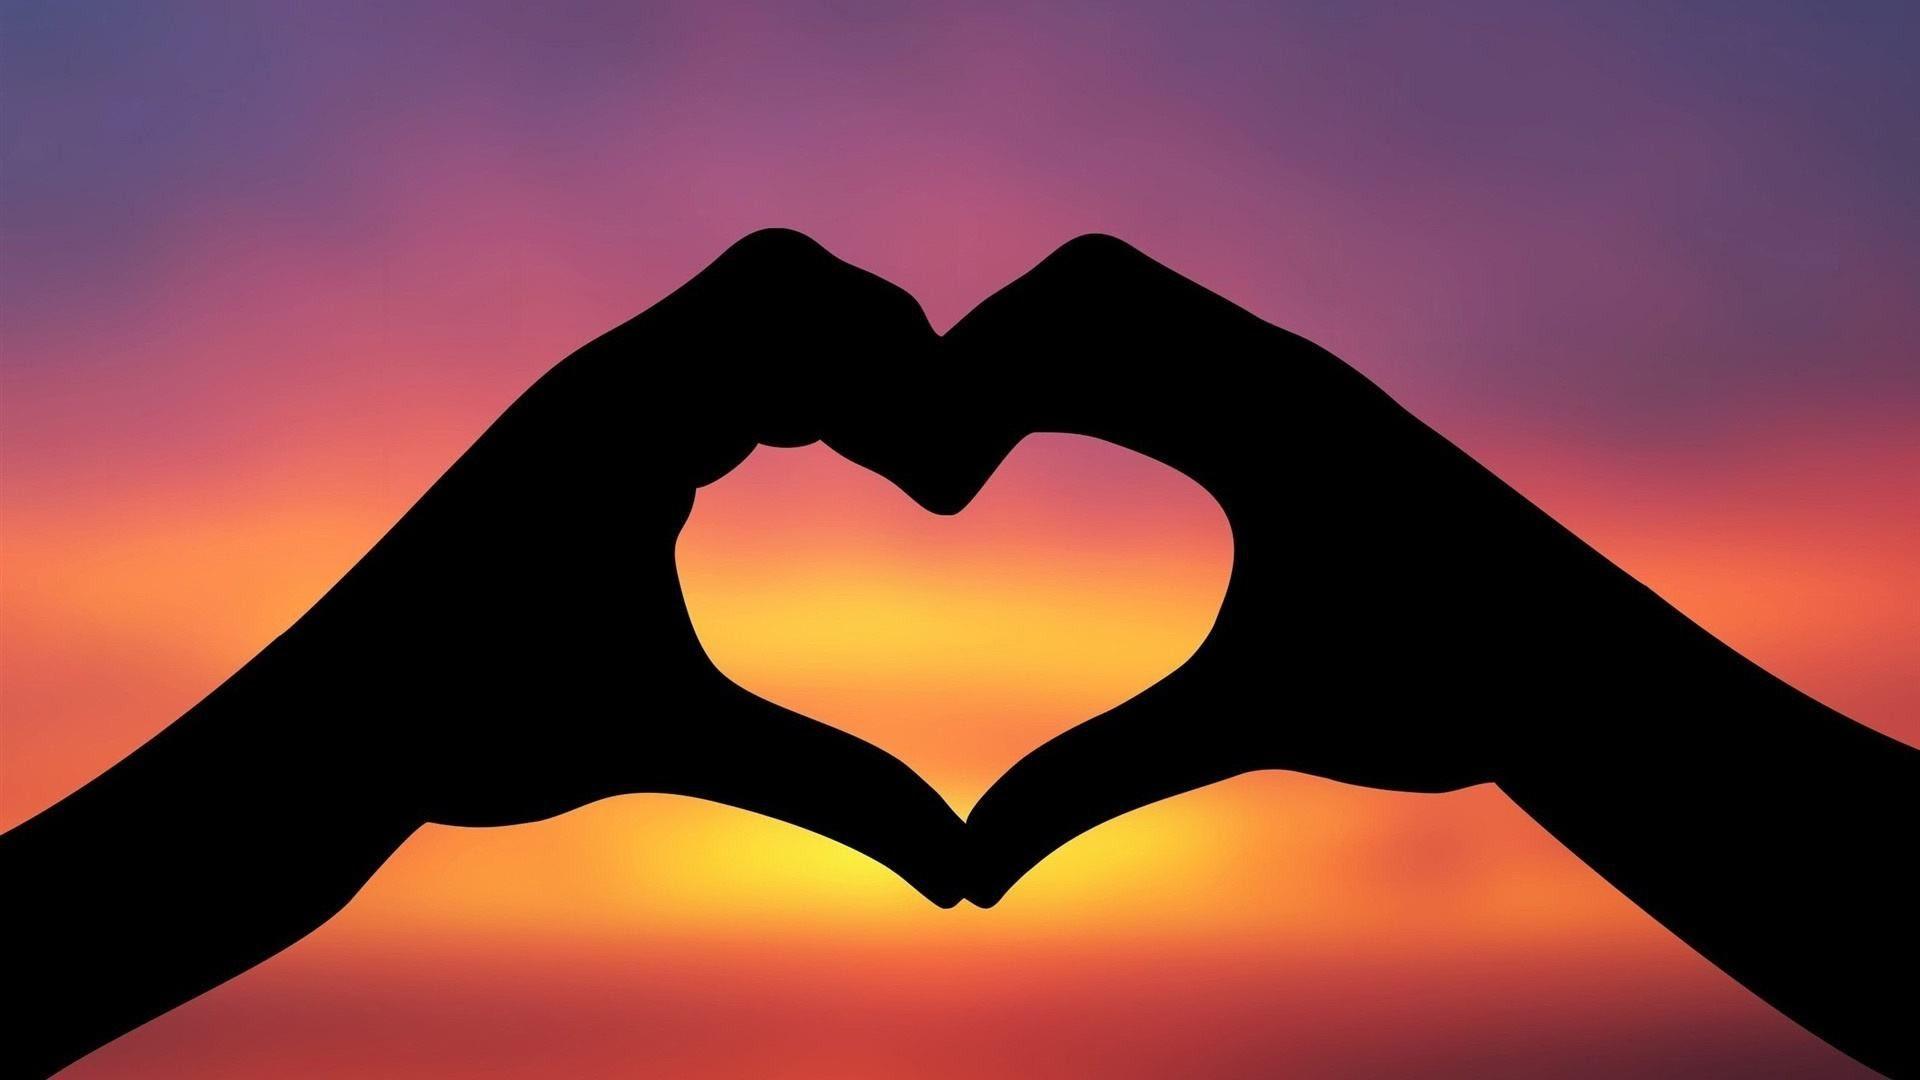 صورة كيف تجعل الناس يحبونك , كيف تكون محبوبا بين الناس وكيف تجعلهم يحبونك